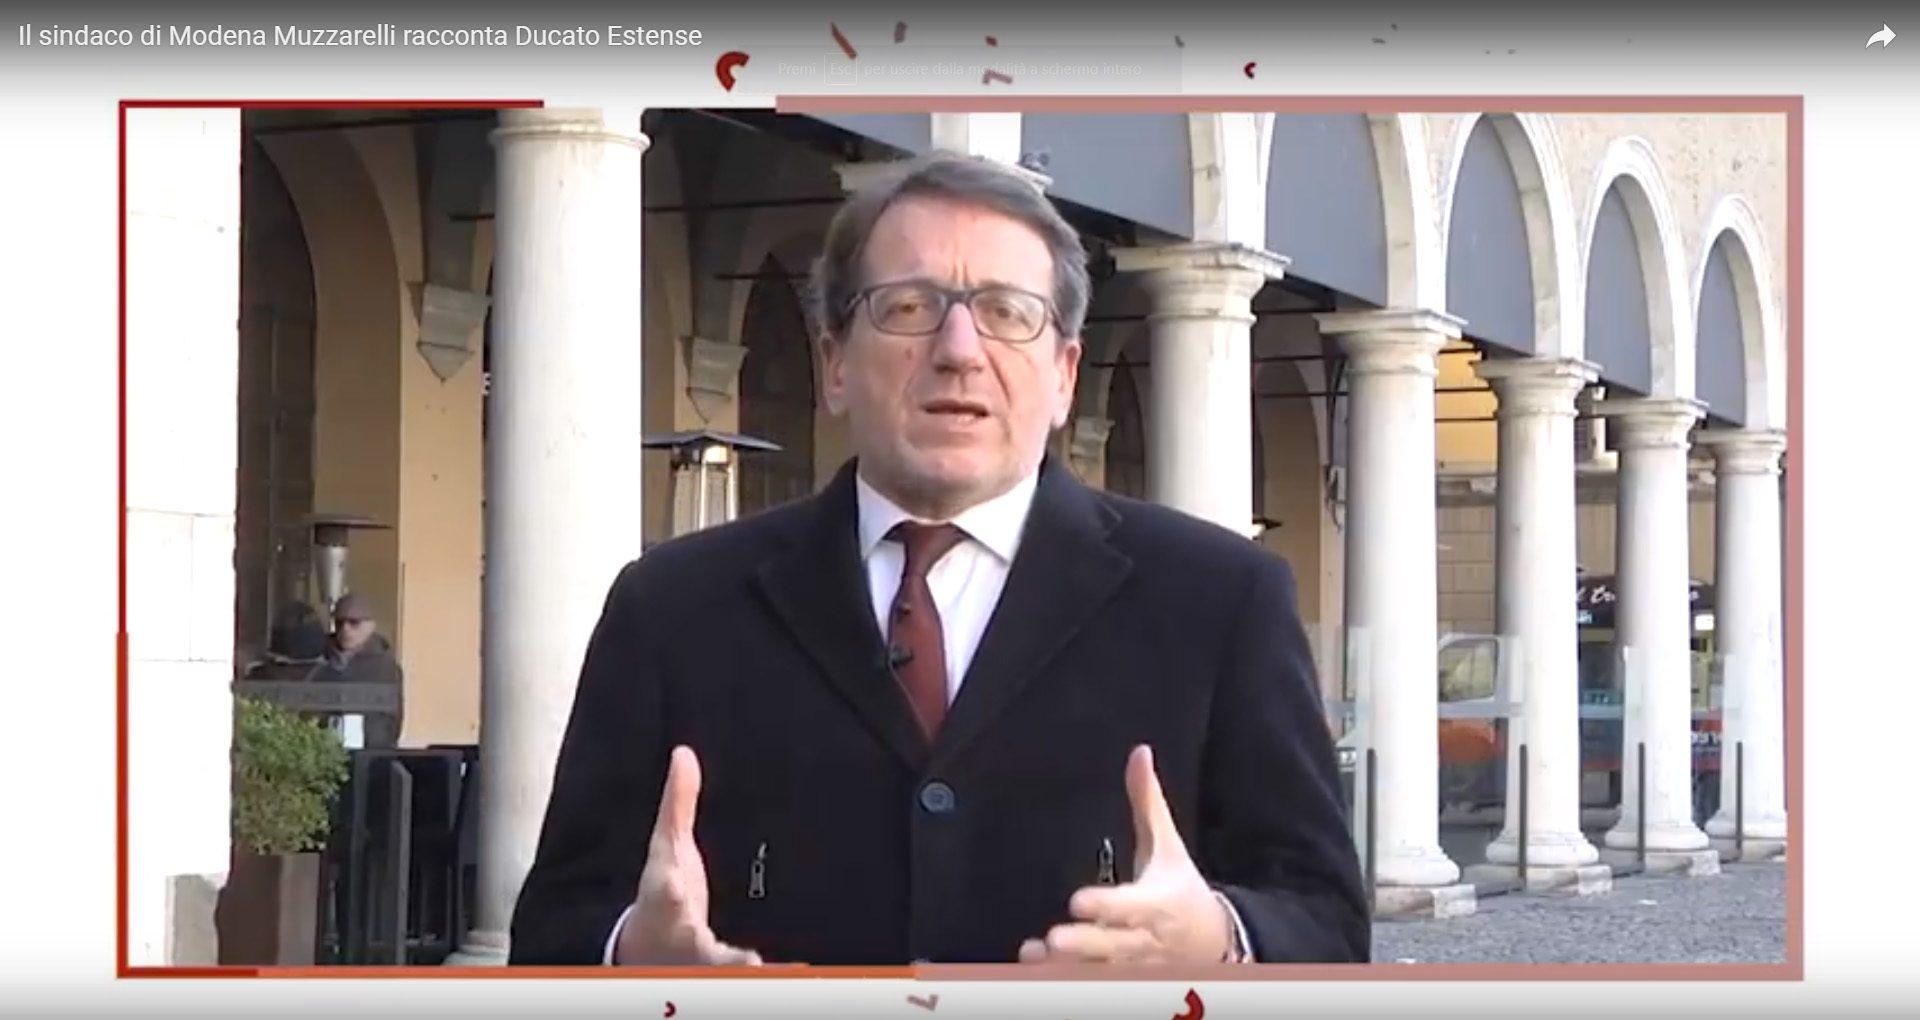 Il sindaco di Modena Gian Carlo Muzzarelli <br> racconta il progetto Ducato Estense